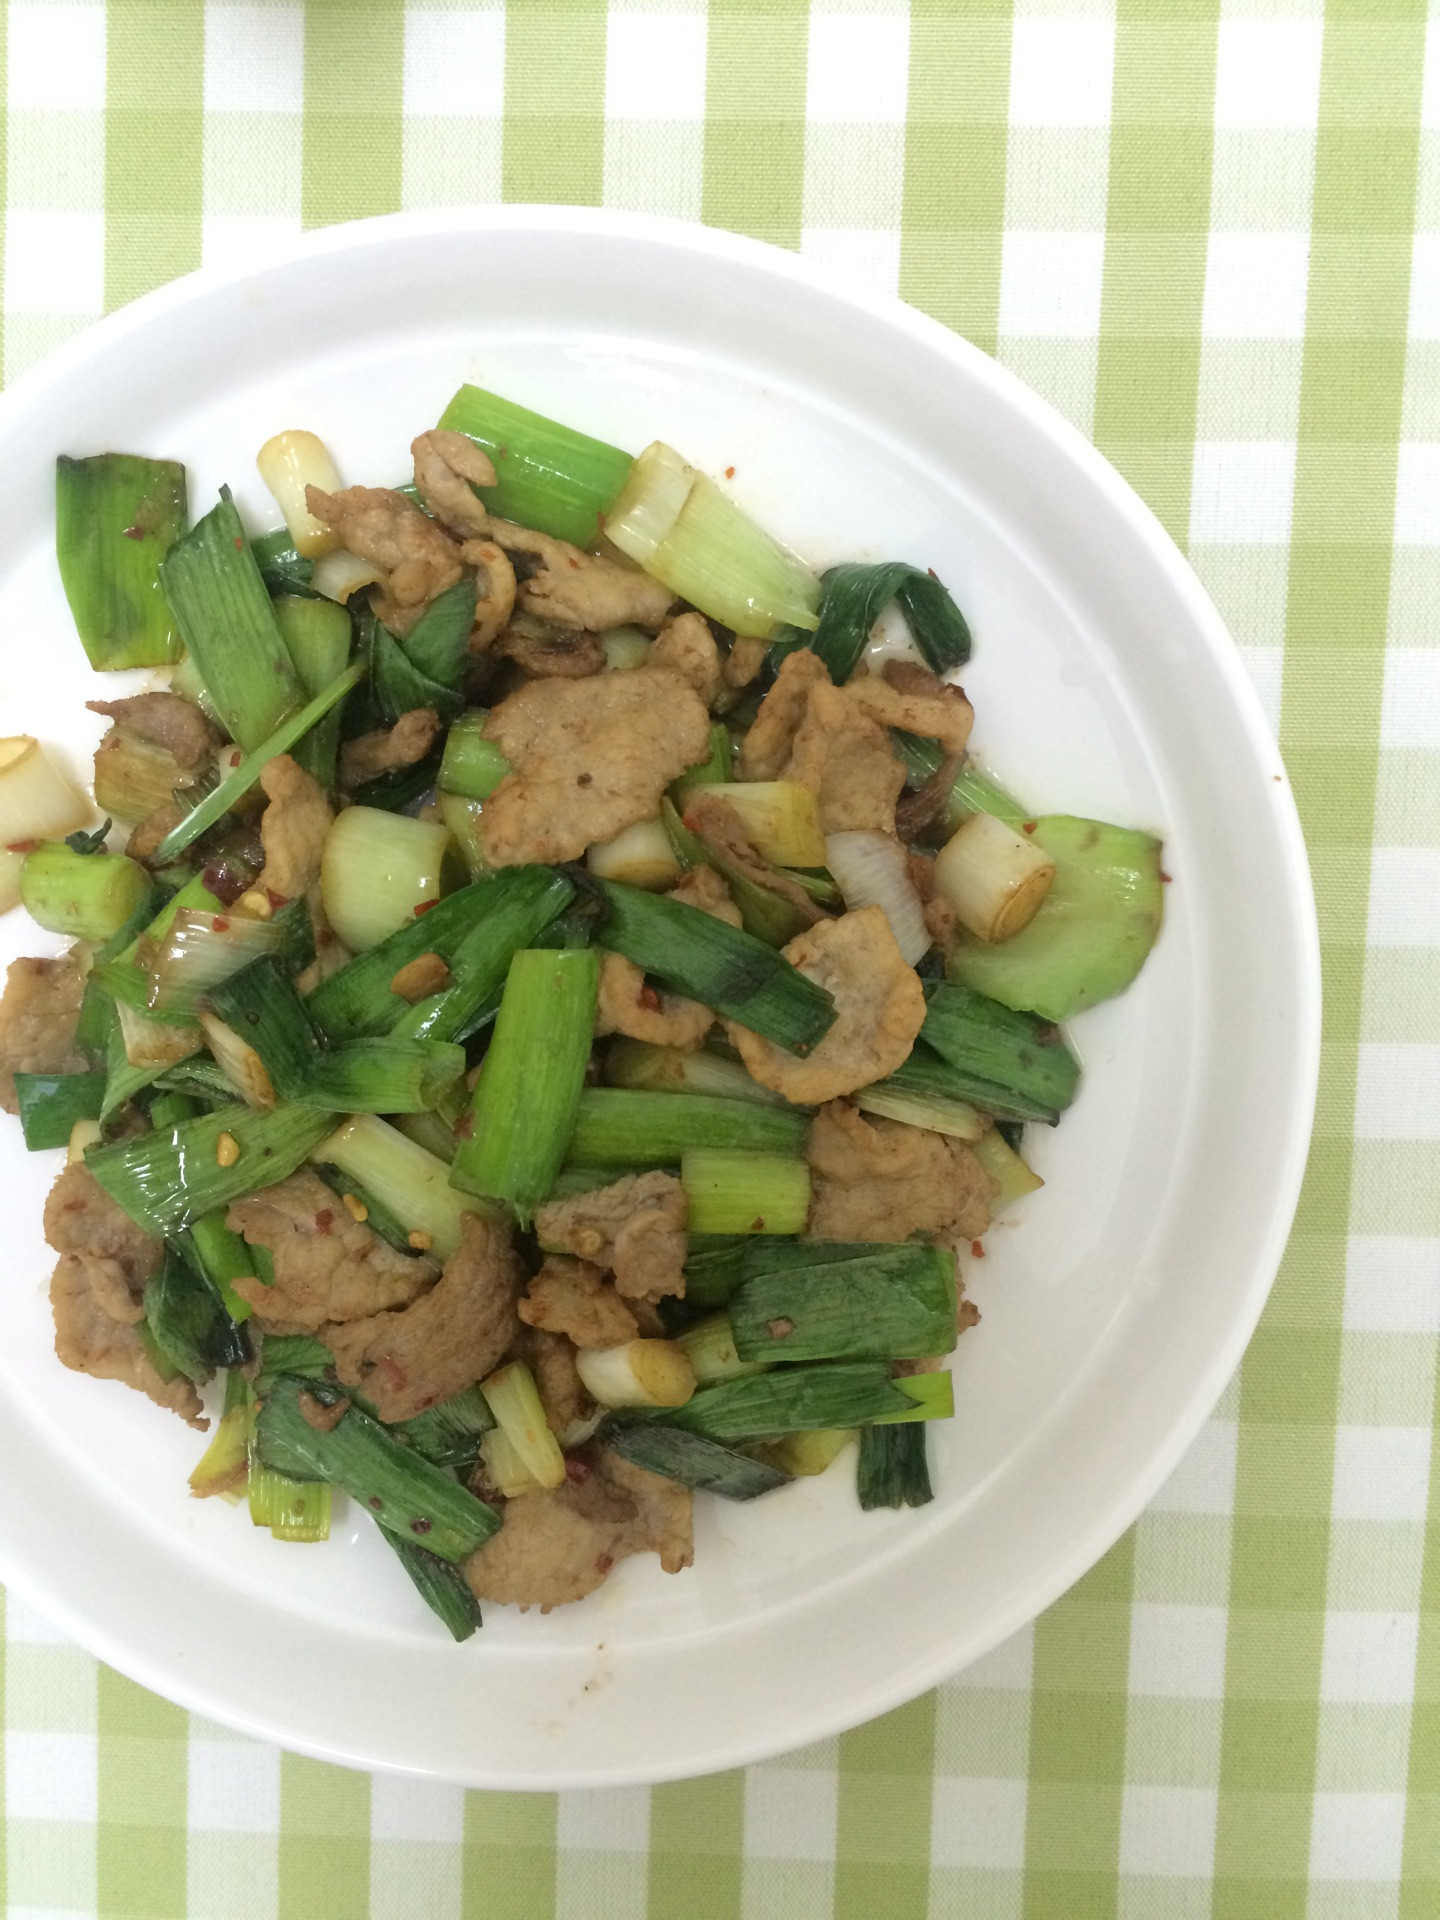 大蒜炒肉的做法_【圖解】大蒜炒肉怎么做如何做好吃_大蒜炒肉家常做法大全_馨皛2_豆果美食